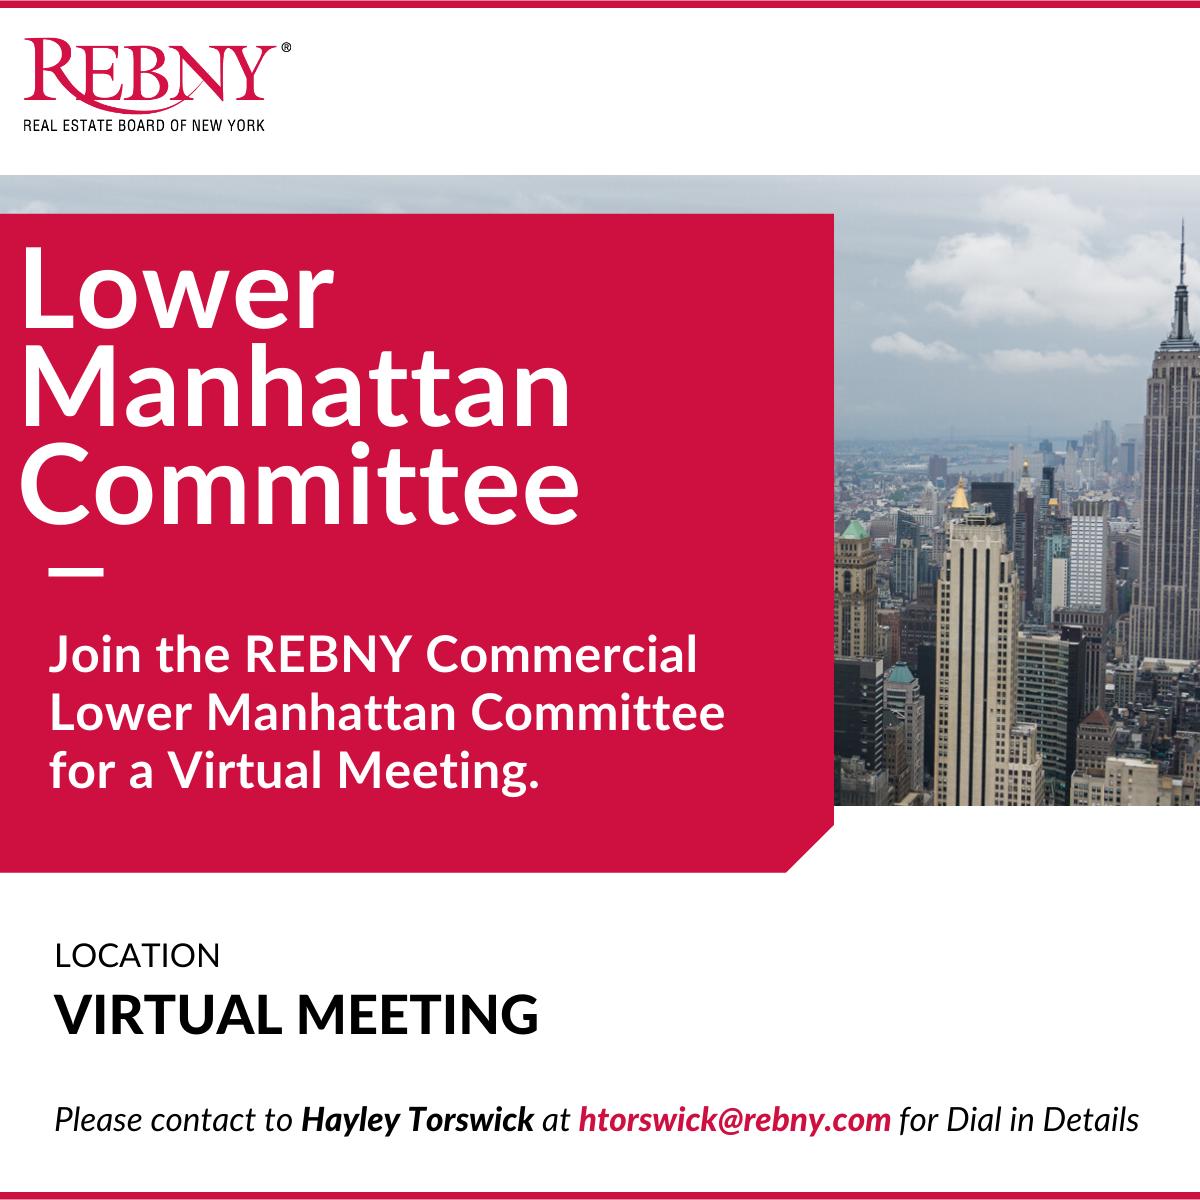 VIRTUAL: Commercial Brokerage Lower Manhattan Committee Meeting